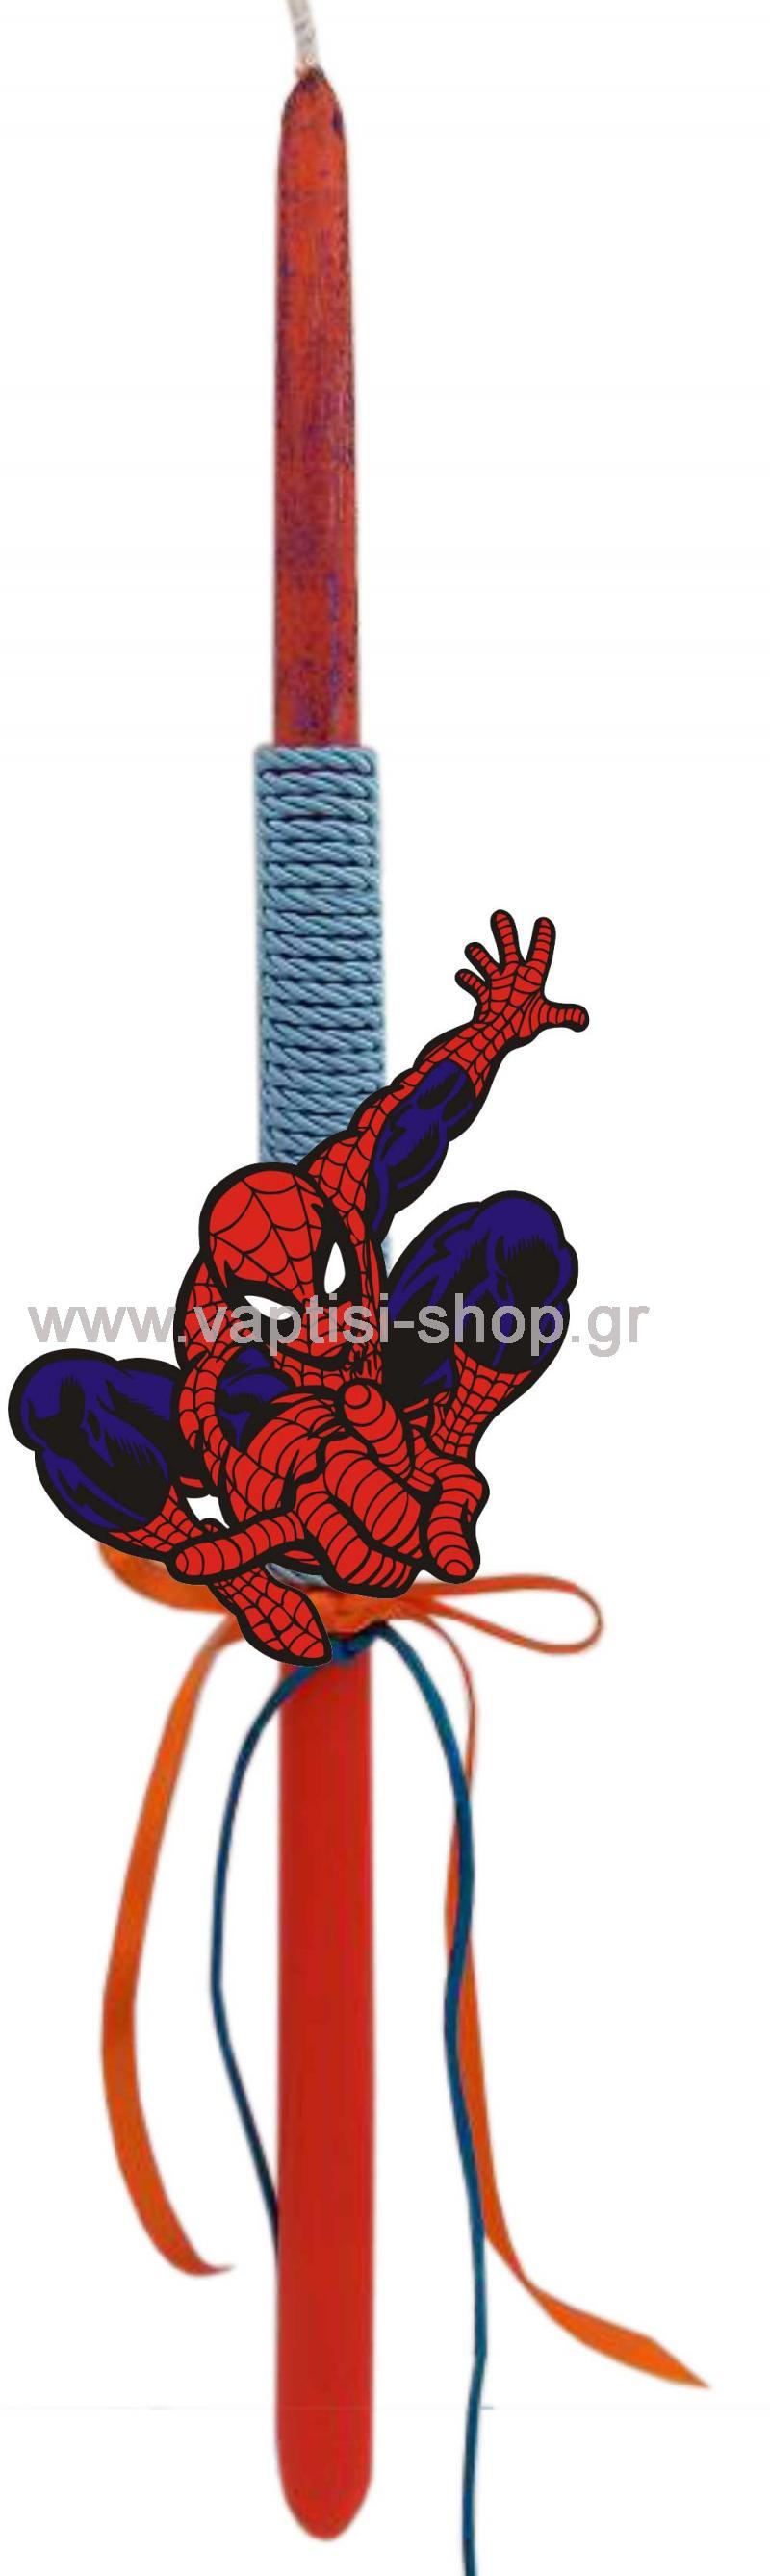 Πασχαλινή Λαμπάδα Spiderman